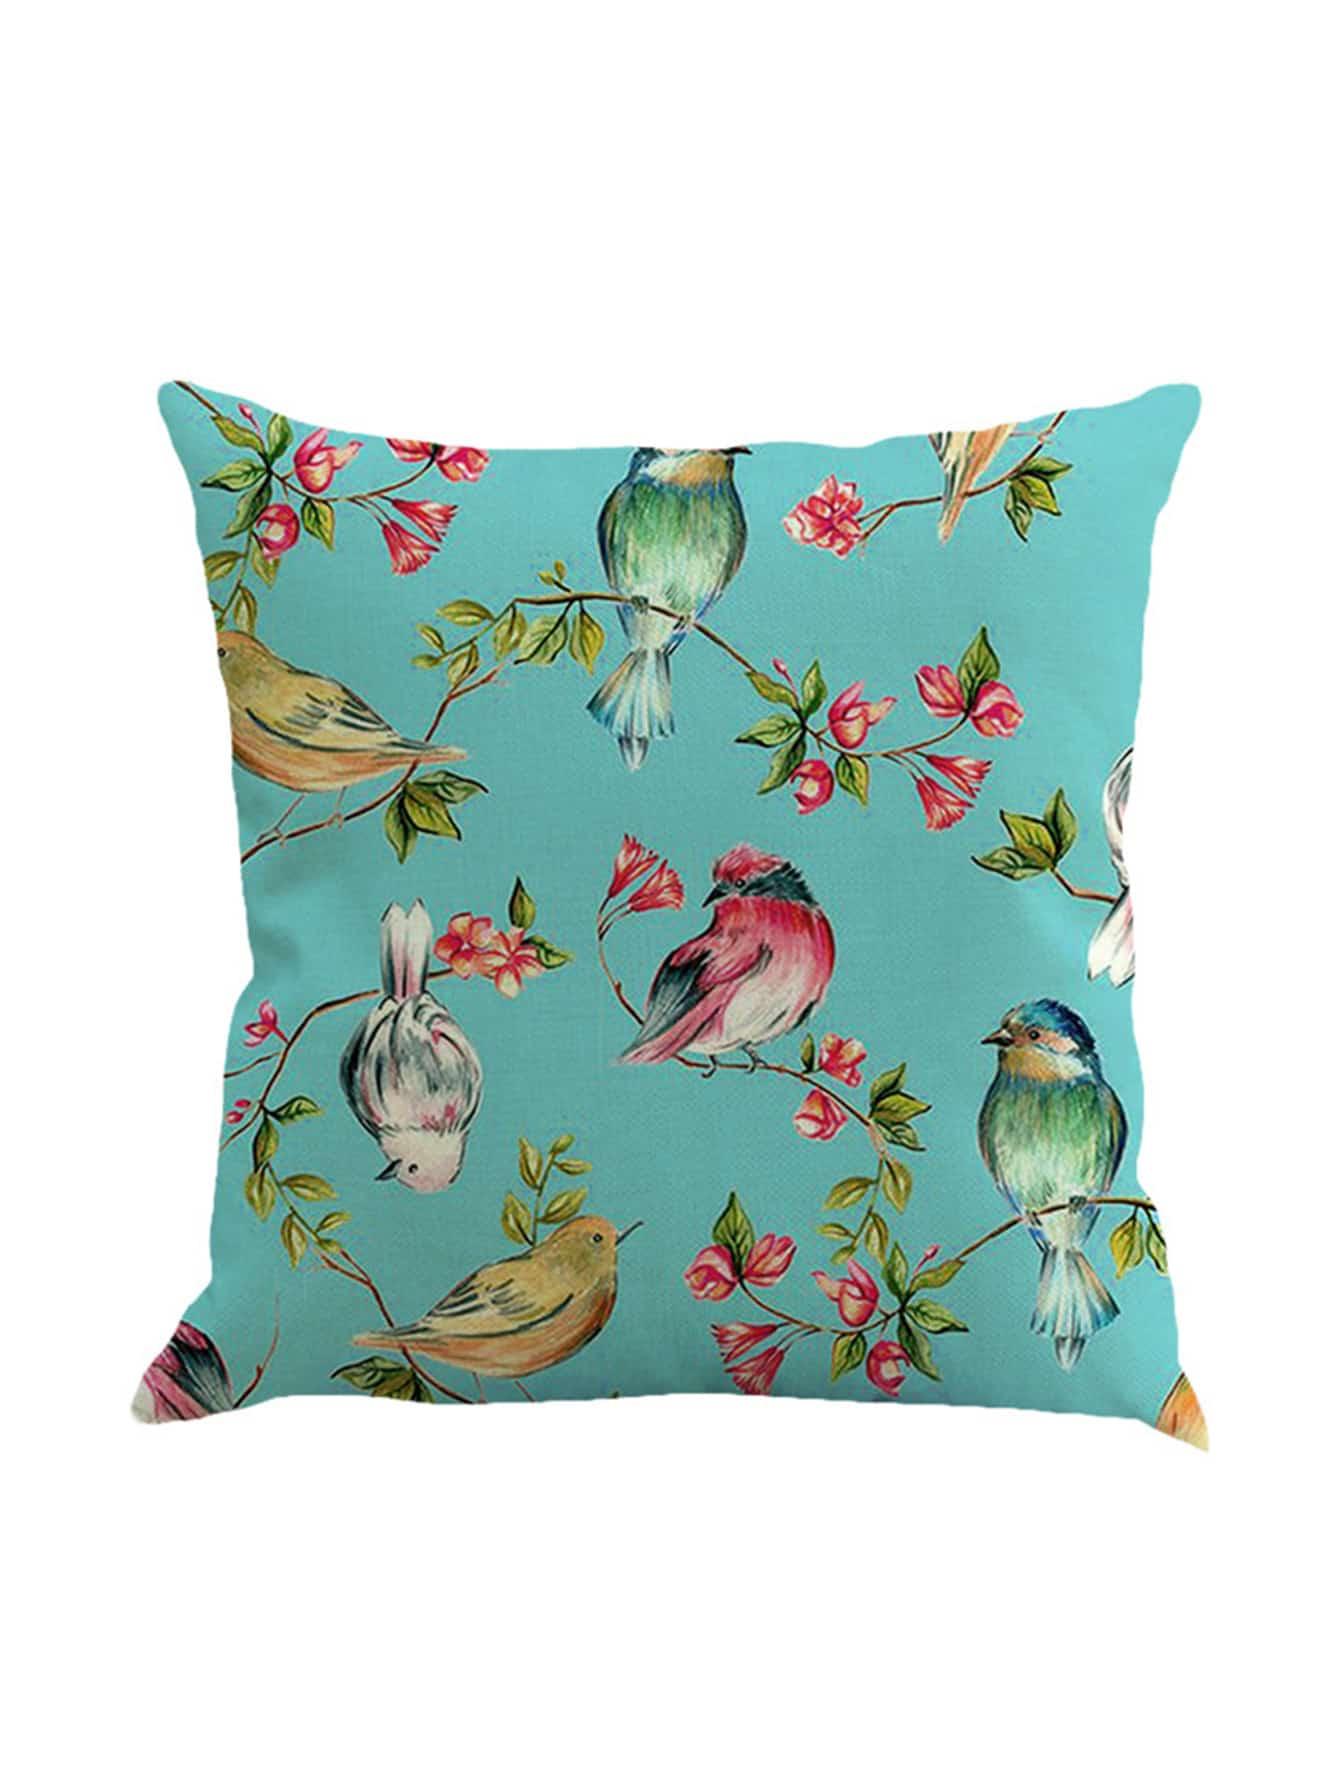 Bird Print Pillowcase Cover